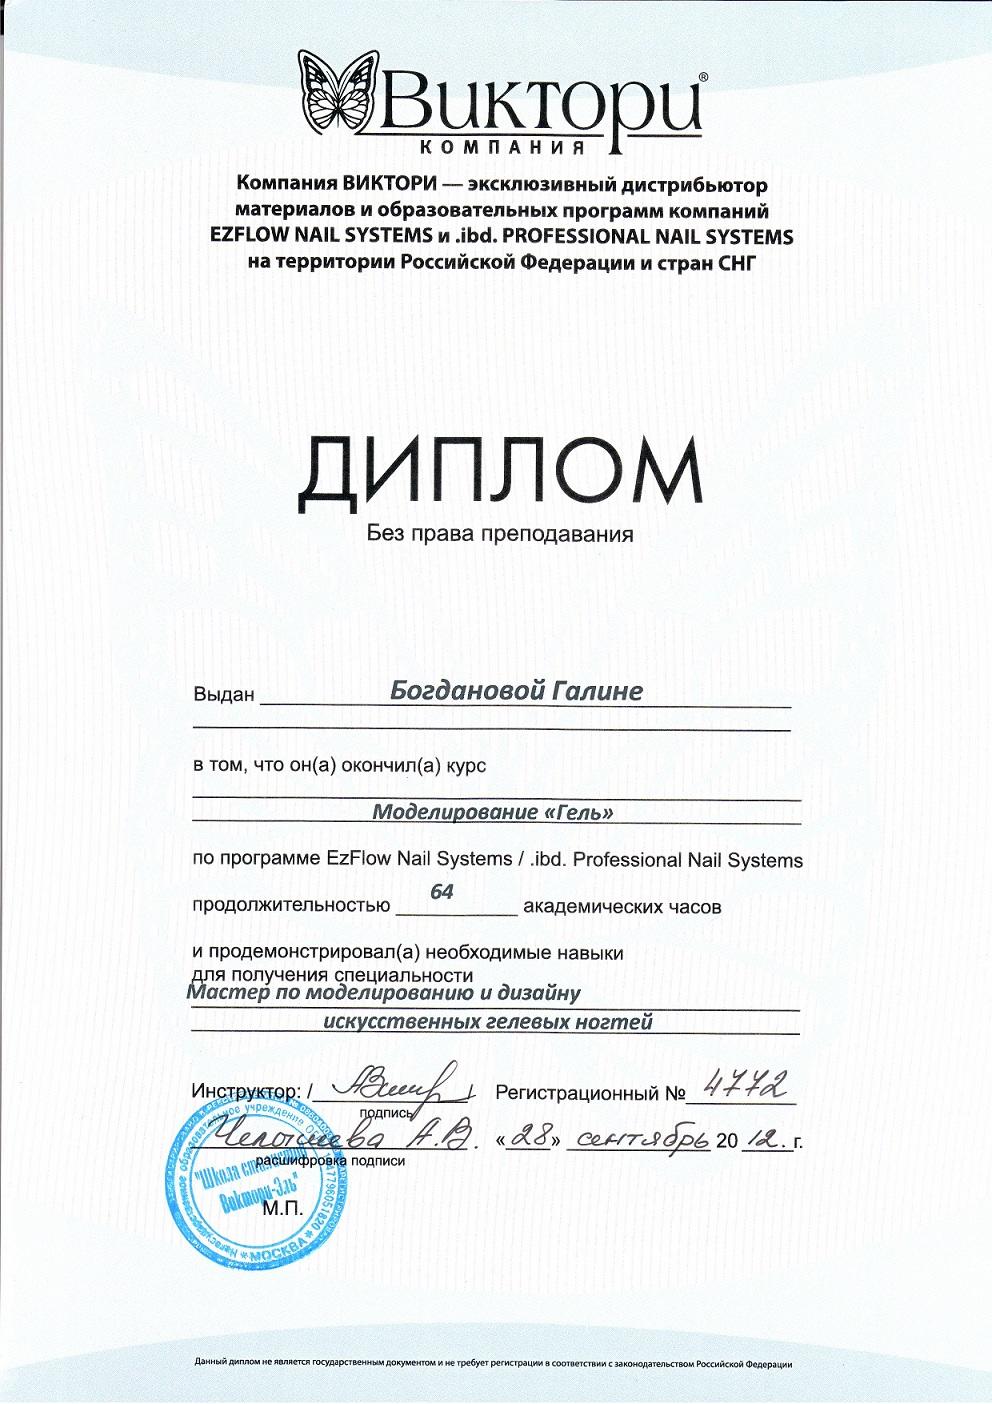 2012 диплом Моделирование Гель